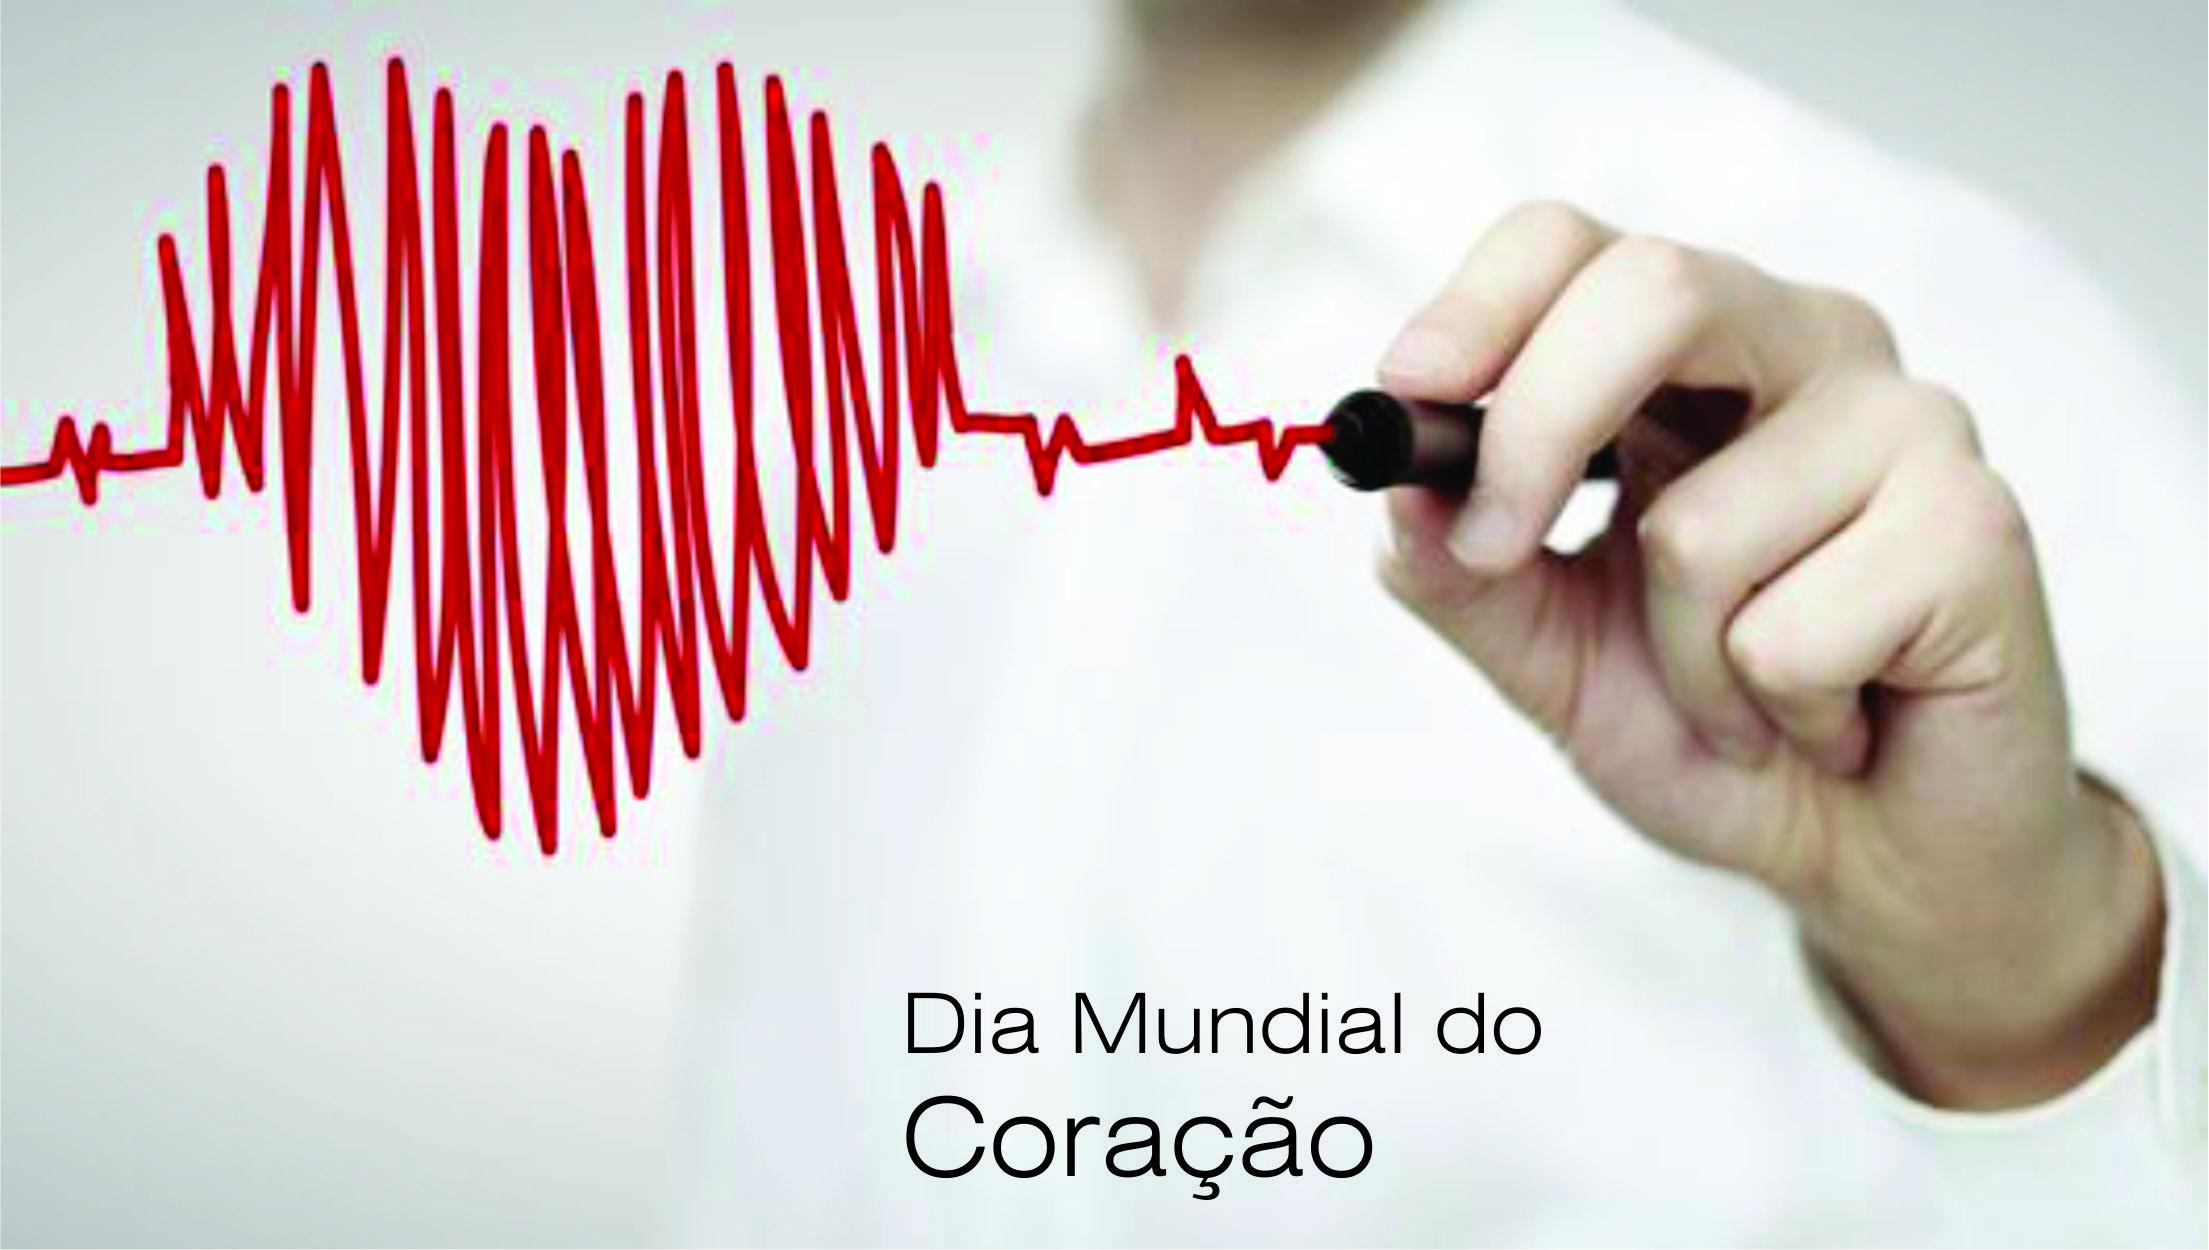 Dia Mundial do Coração é comemorado para alertar sobre saúde cardíaca